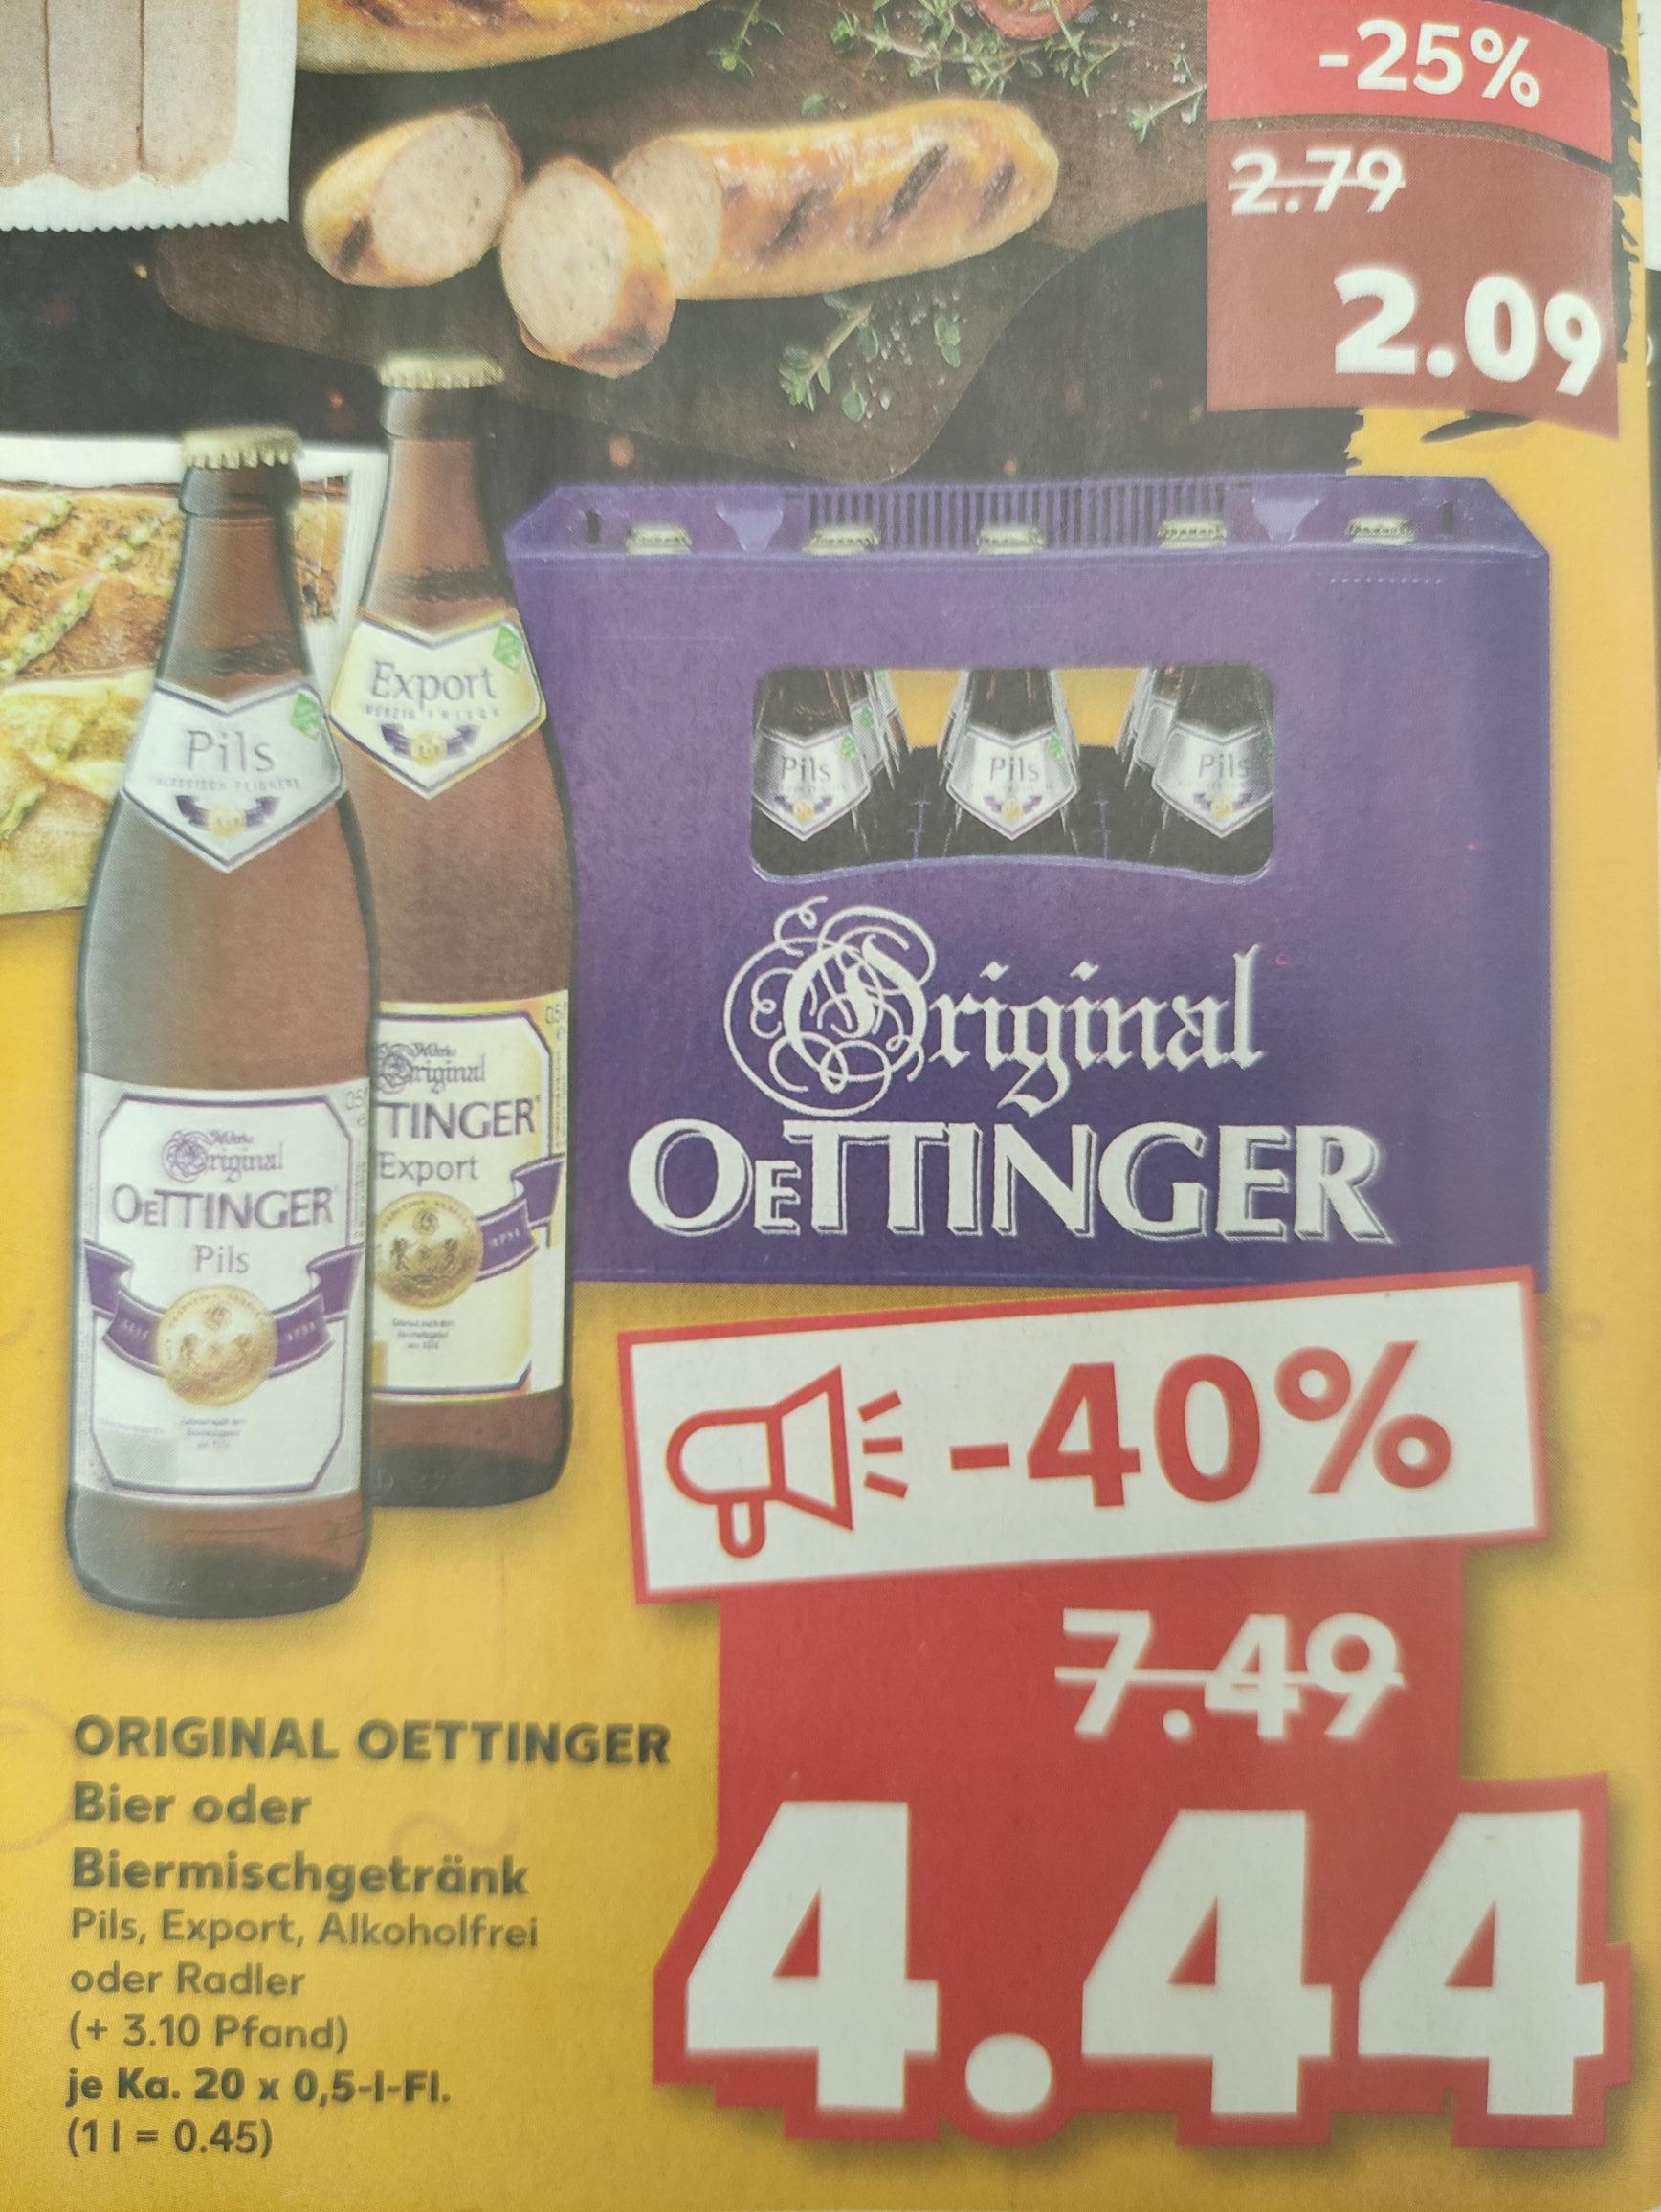 [Lokal Hannover/Umgebung] 1 Kasten Oettinger Bier Pils, Export, Alkoholfrei oder Radler (20 x 0,5 L) zzgl. 3,10 € Pfand